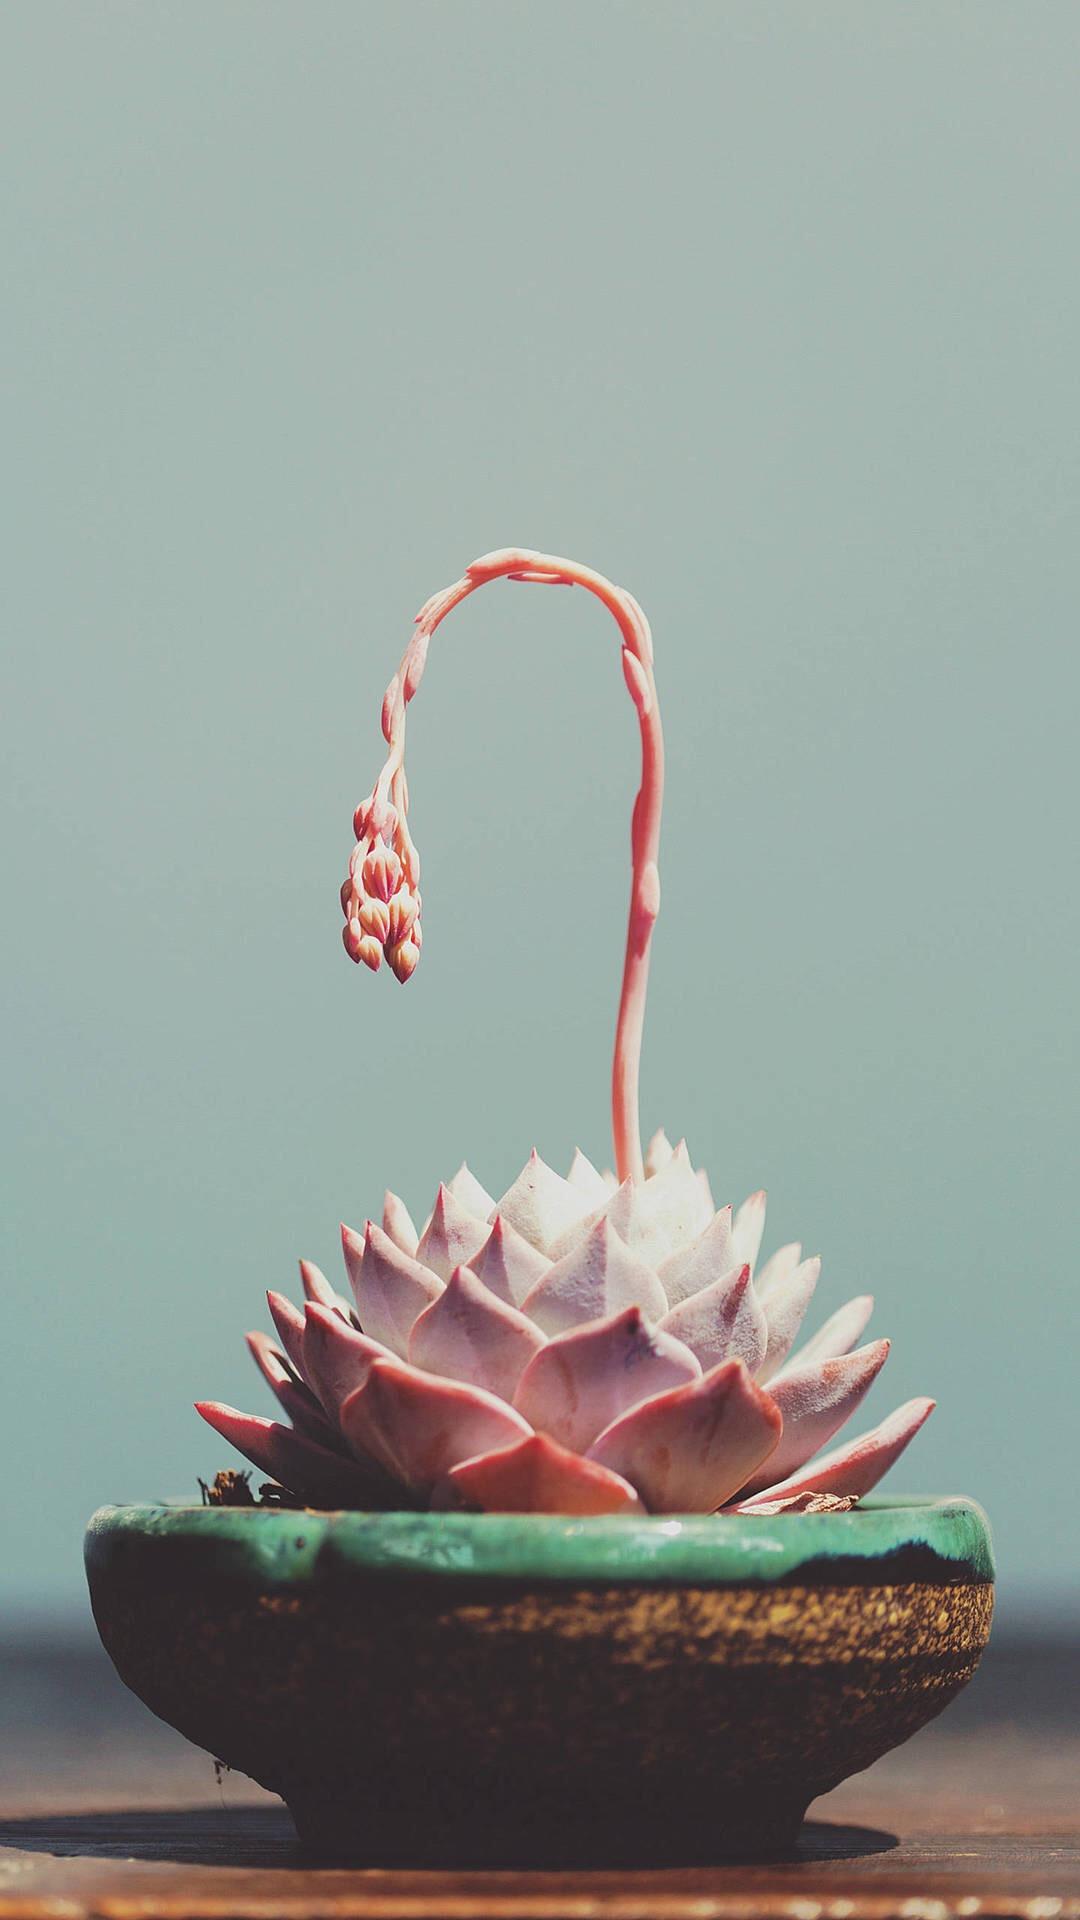 玫瑰 插花 鲜花 粉色 浪漫 苹果手机高清壁纸 1080x